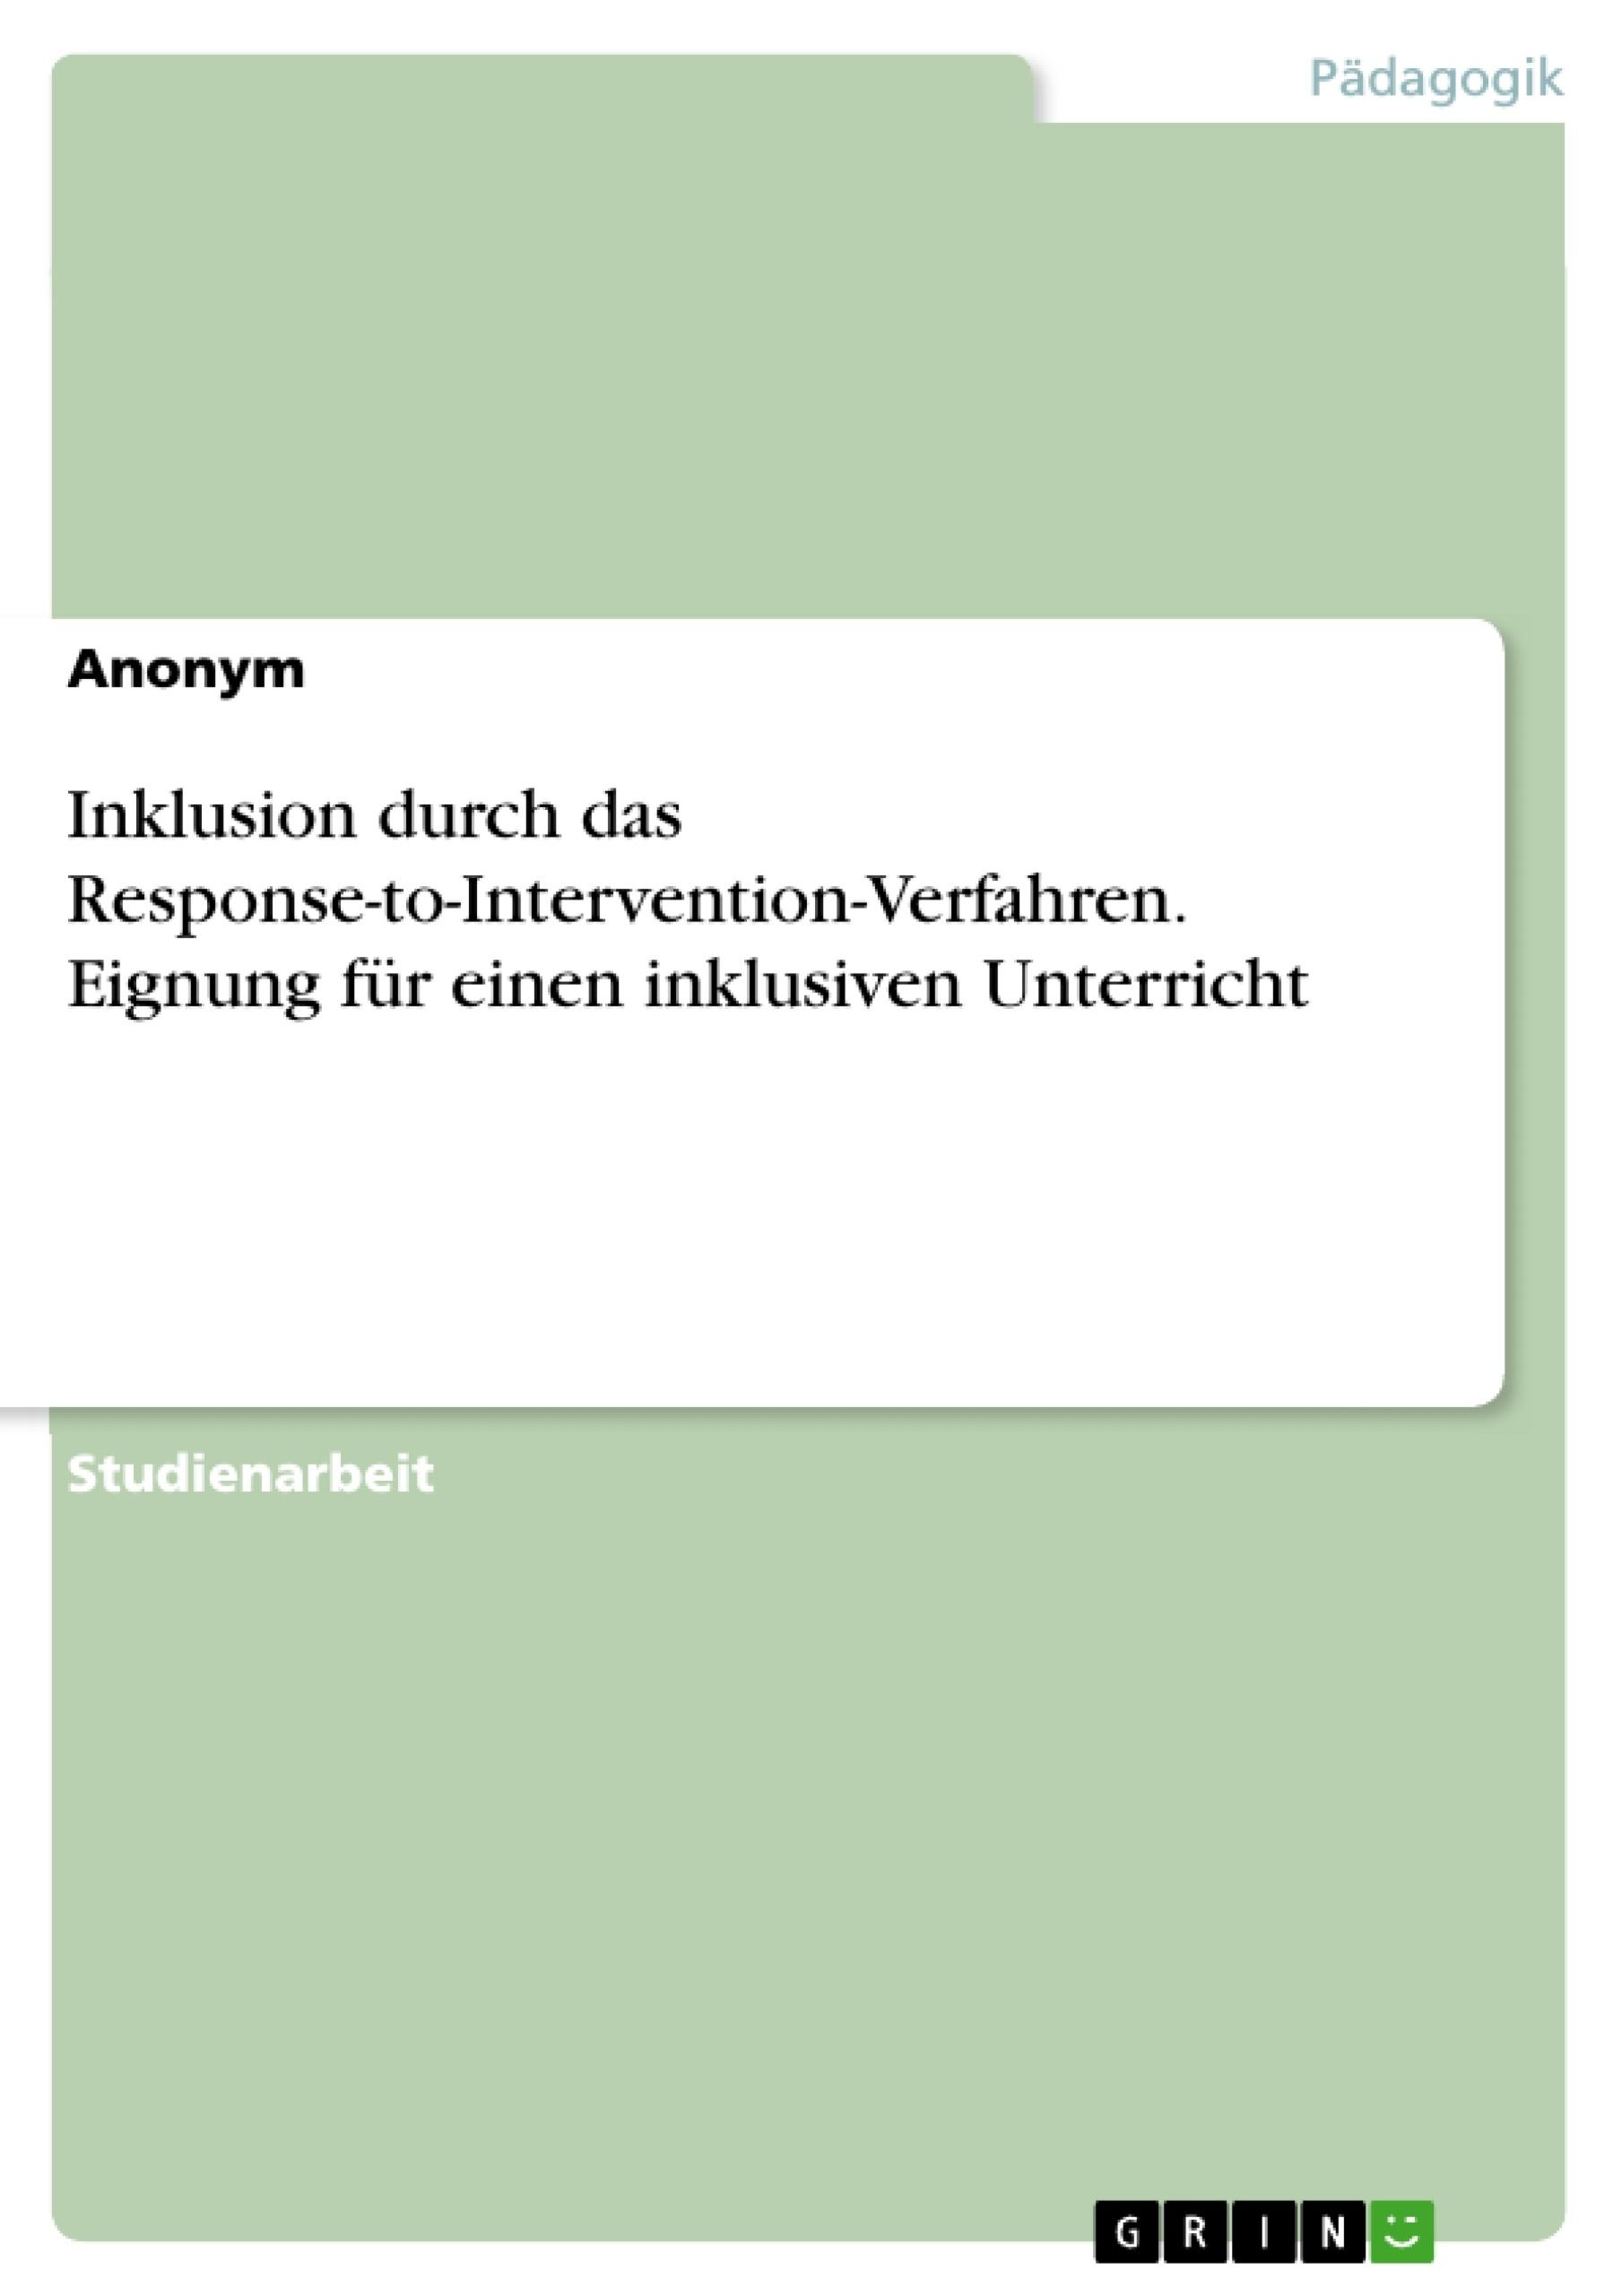 Titel: Inklusion durch das Response-to-Intervention-Verfahren. Eignung für einen inklusiven Unterricht